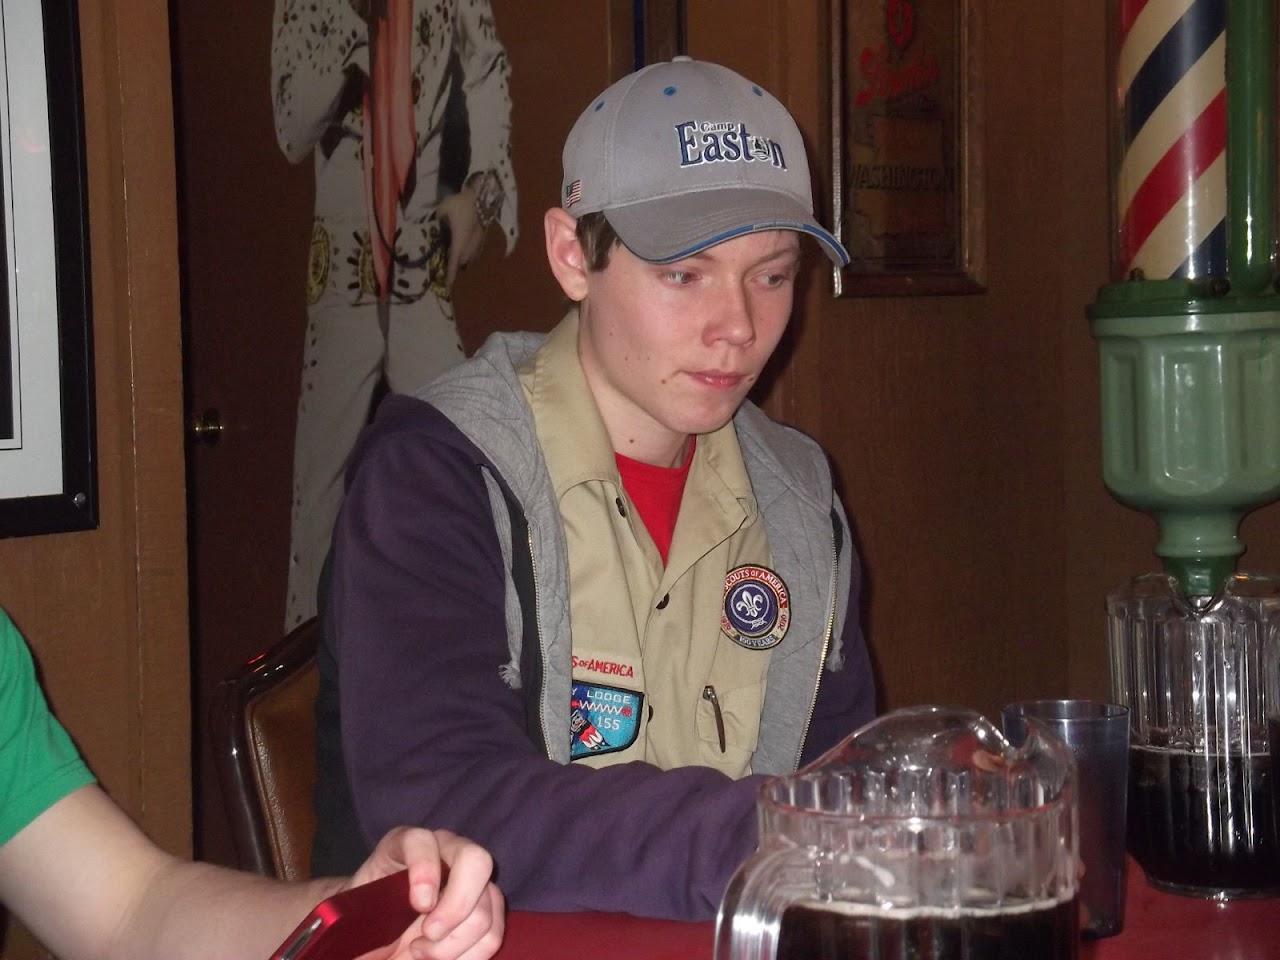 Scout Sunday 2012 - DSCF1171.JPG